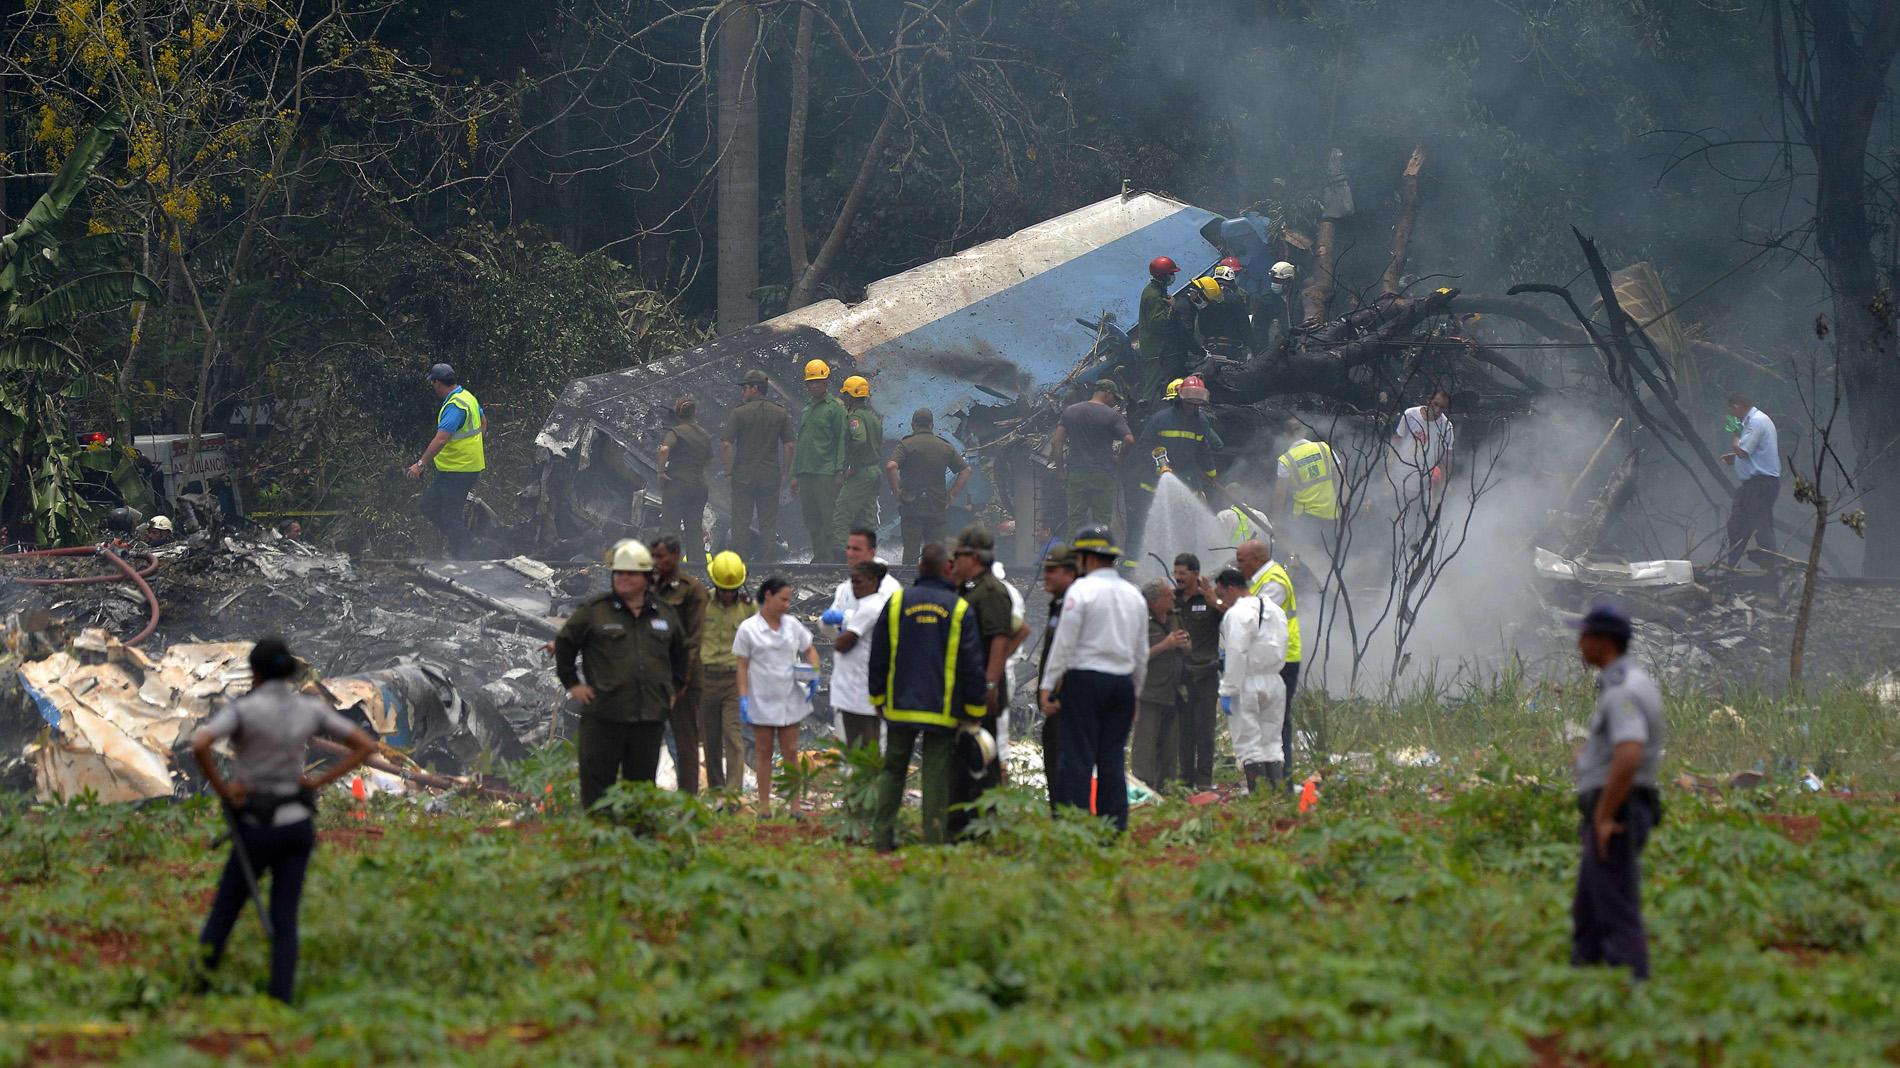 Un avión con 104 pasajeros a bordo se estrella en Cuba cerca del aeropuerto de La Habana